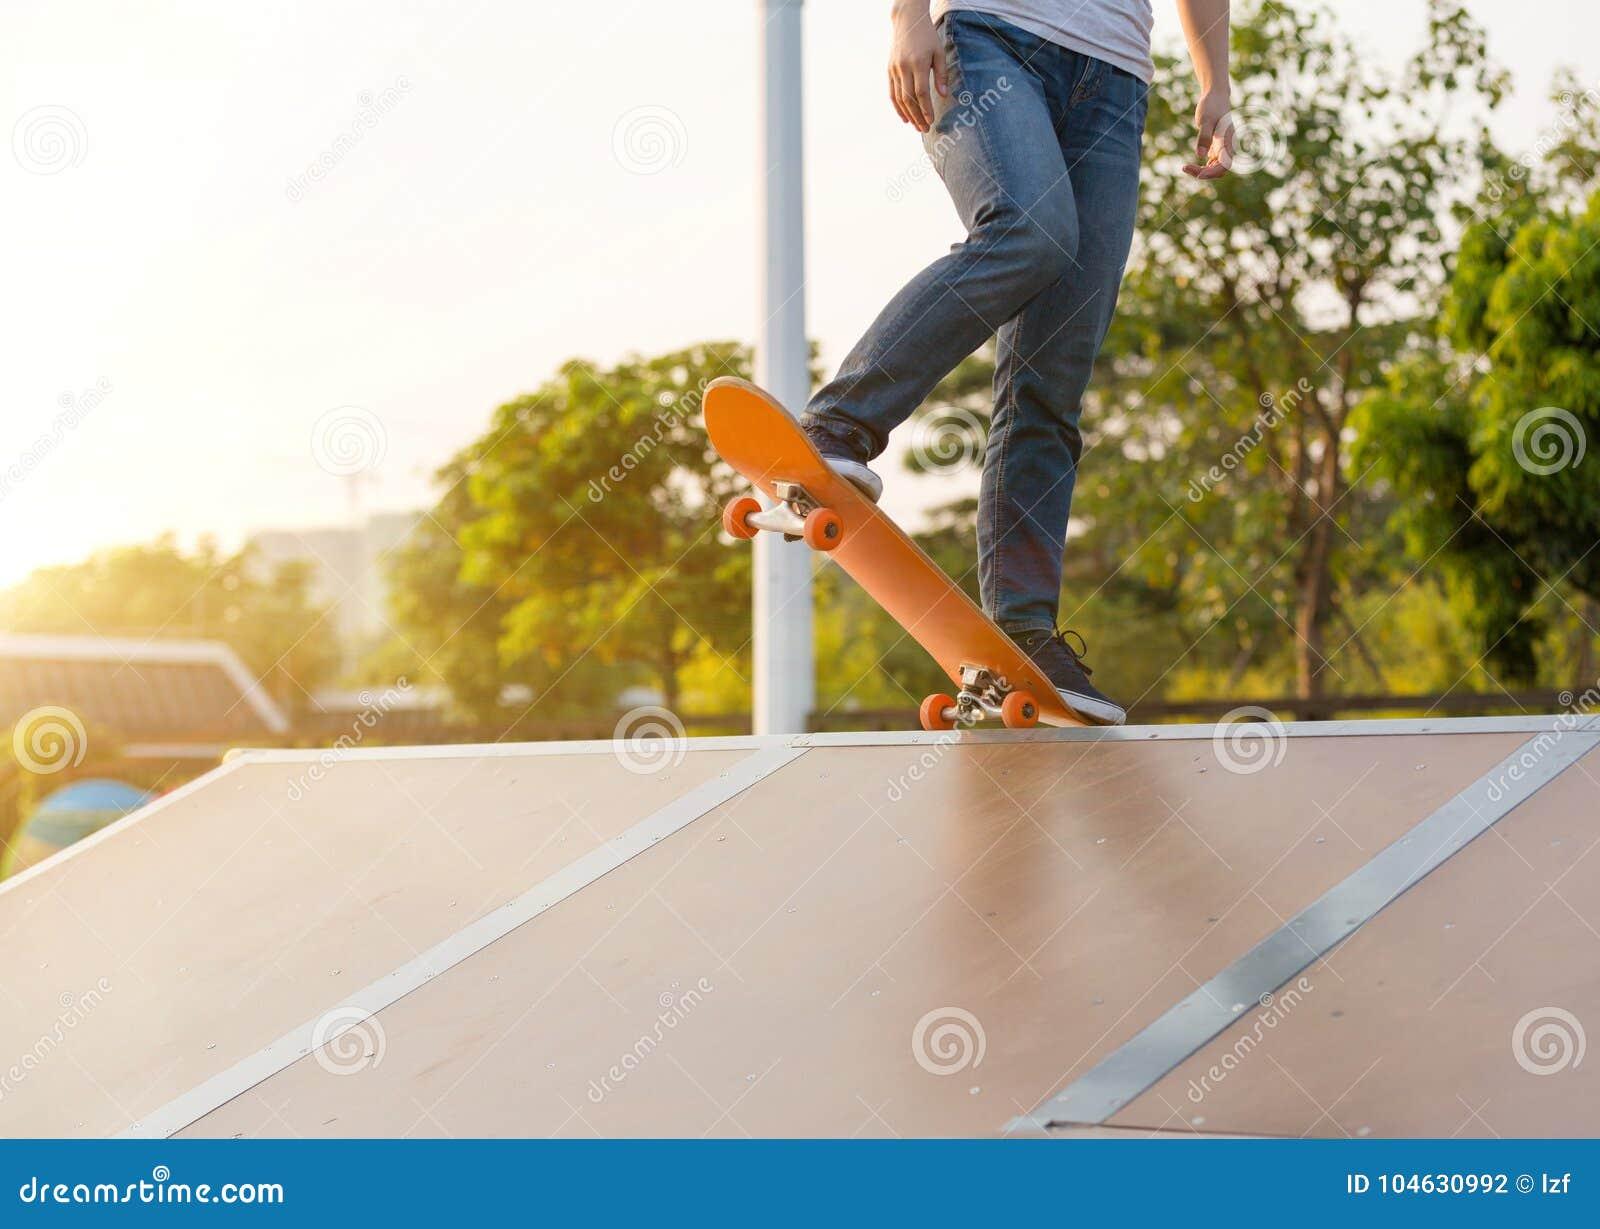 Download Skateboarderbenen Die Op Skatepark Met Een Skateboard Rijden Stock Foto - Afbeelding bestaande uit leisure, stad: 104630992